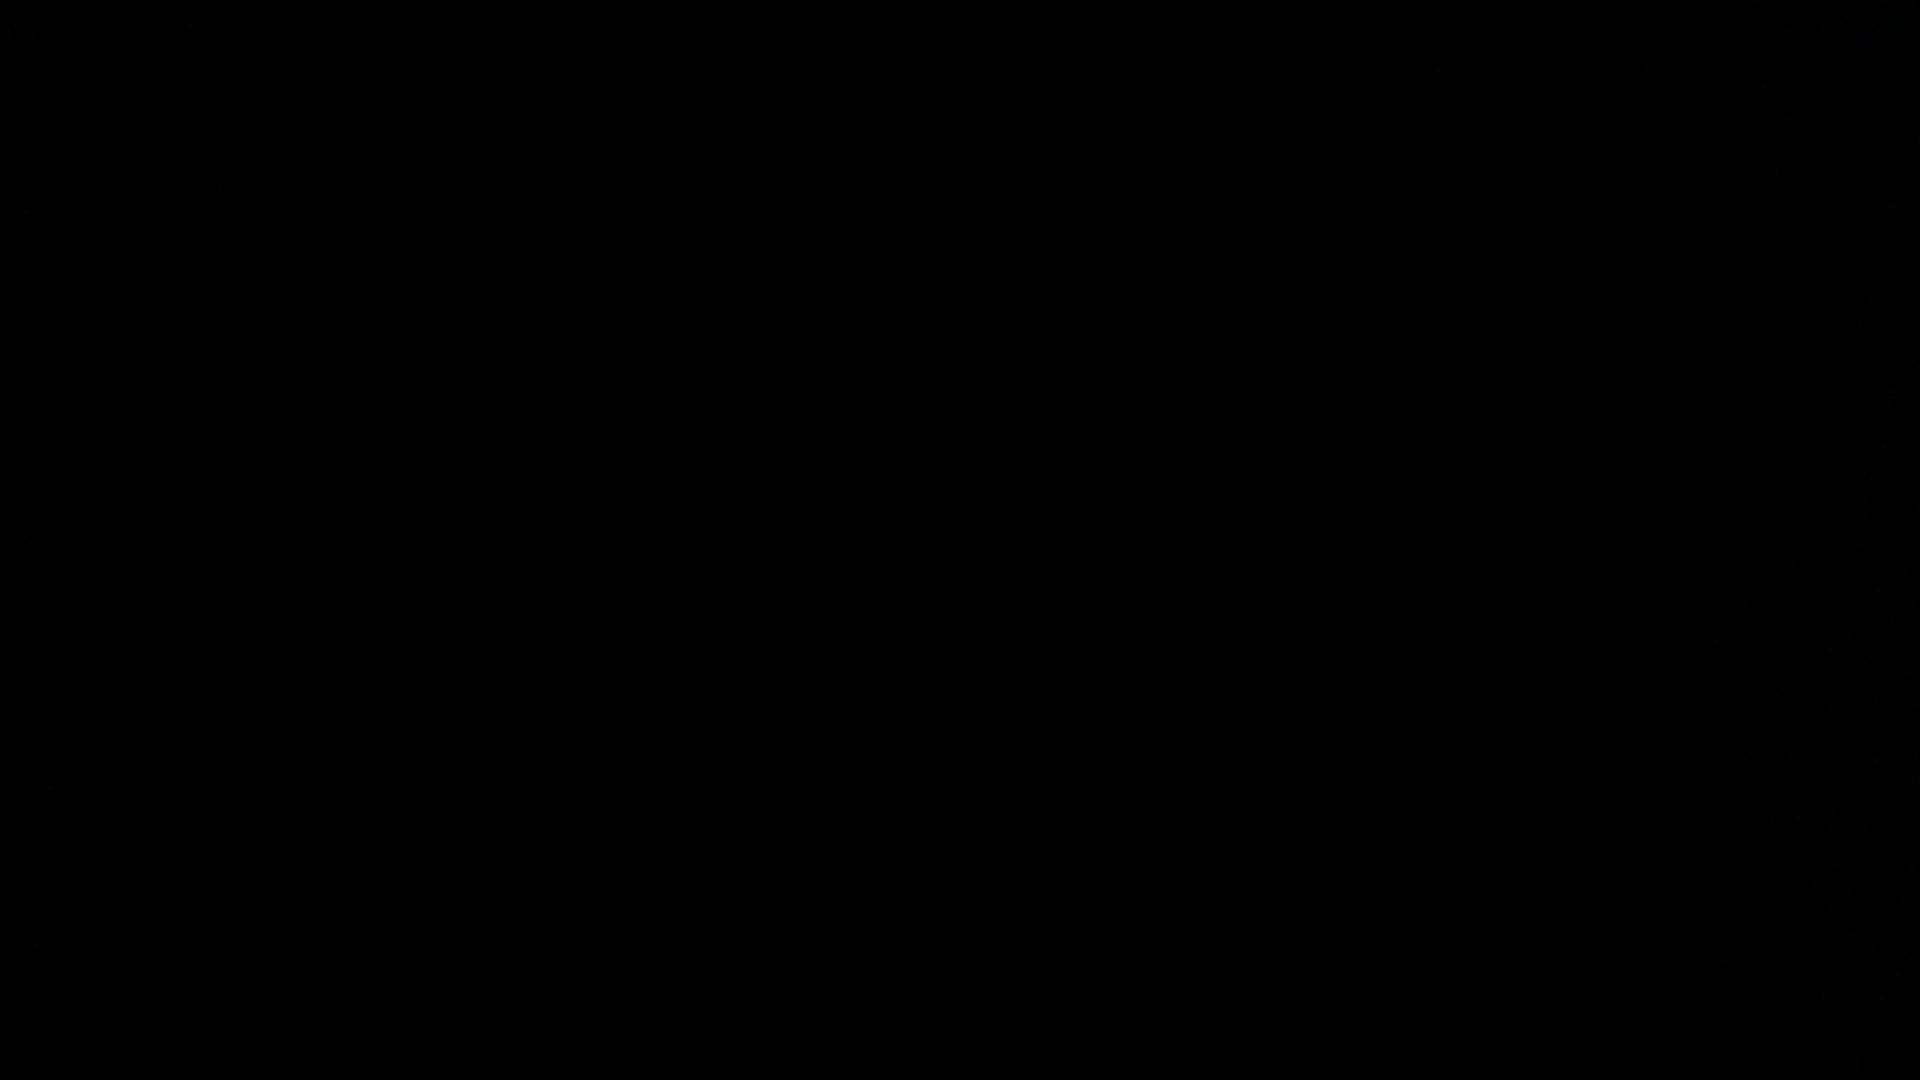 ゆめかわ男子のゆめかわオナニージャニーズ編vol.09 ノンケのオナニー ゲイセックス画像 76連発 17